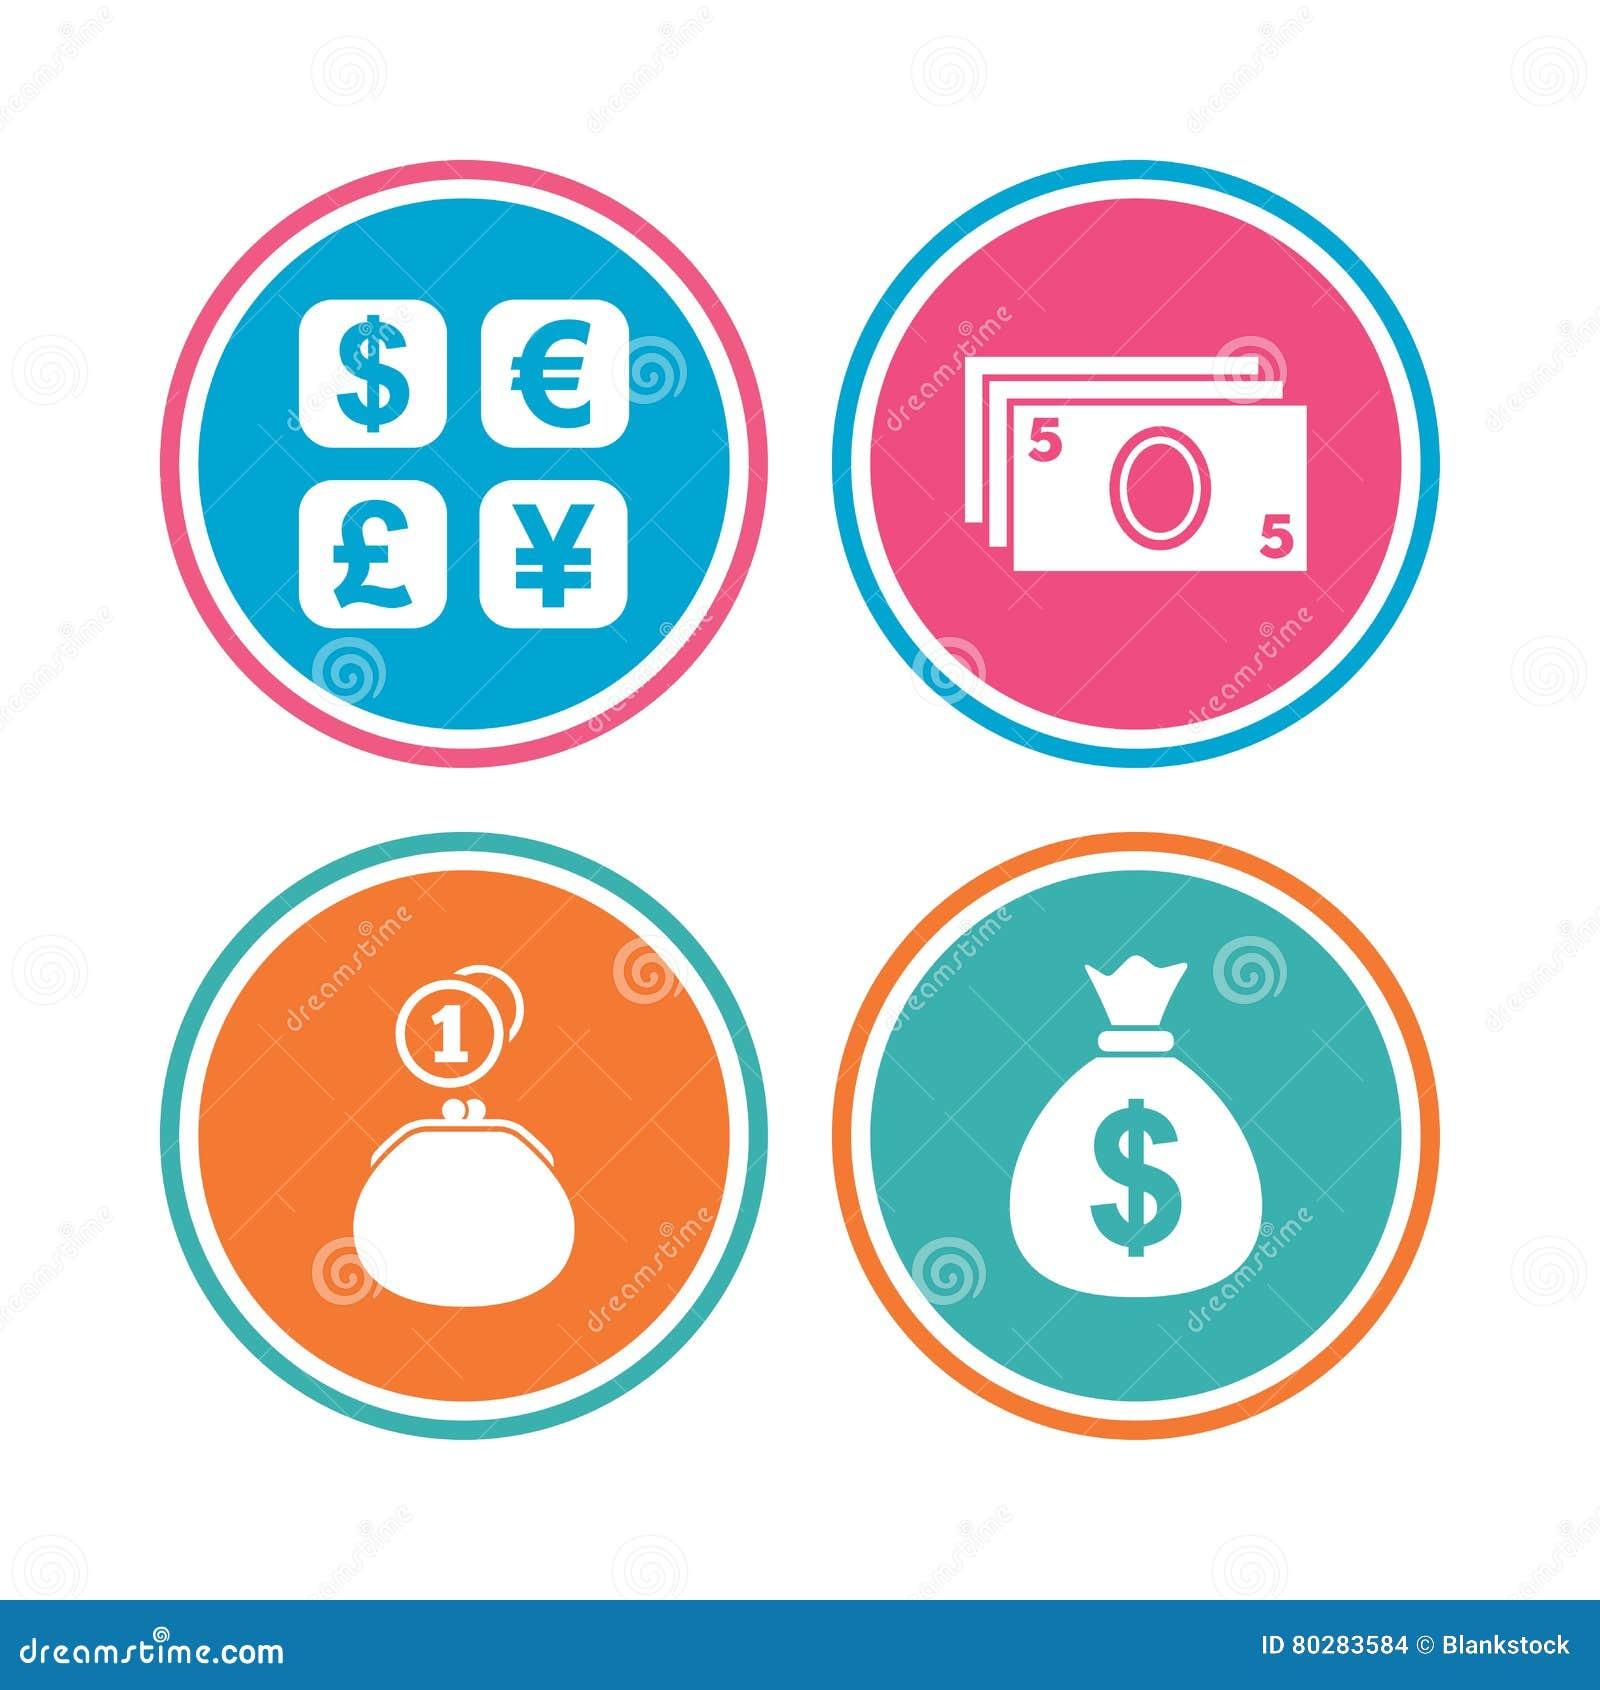 11b7a5d705 Icona di cambio Borsa e portafoglio del denaro contante con i segni delle  monete Dollaro, euro, sterlina, simboli di Yen Bottoni del cerchio colorato  ...